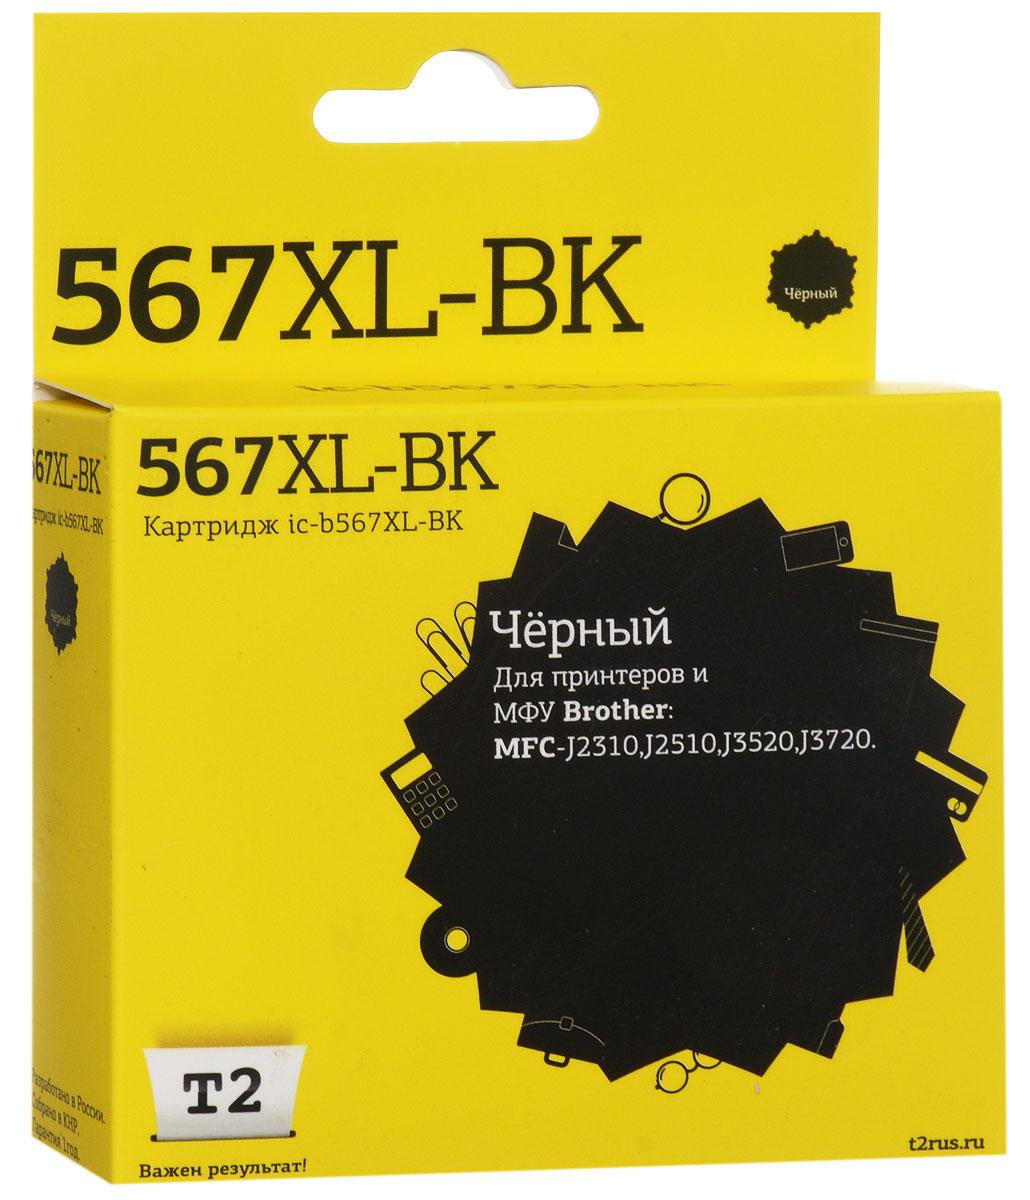 T2 IC-B567XL-BK картридж (аналог LC-567XL-BK) для Brother MFC-J2310/J2510/J3520/J3720, Black картридж brother lc565xlm magenta для mfc j2510 mfc j2310 mfc j3720 mfc j3520